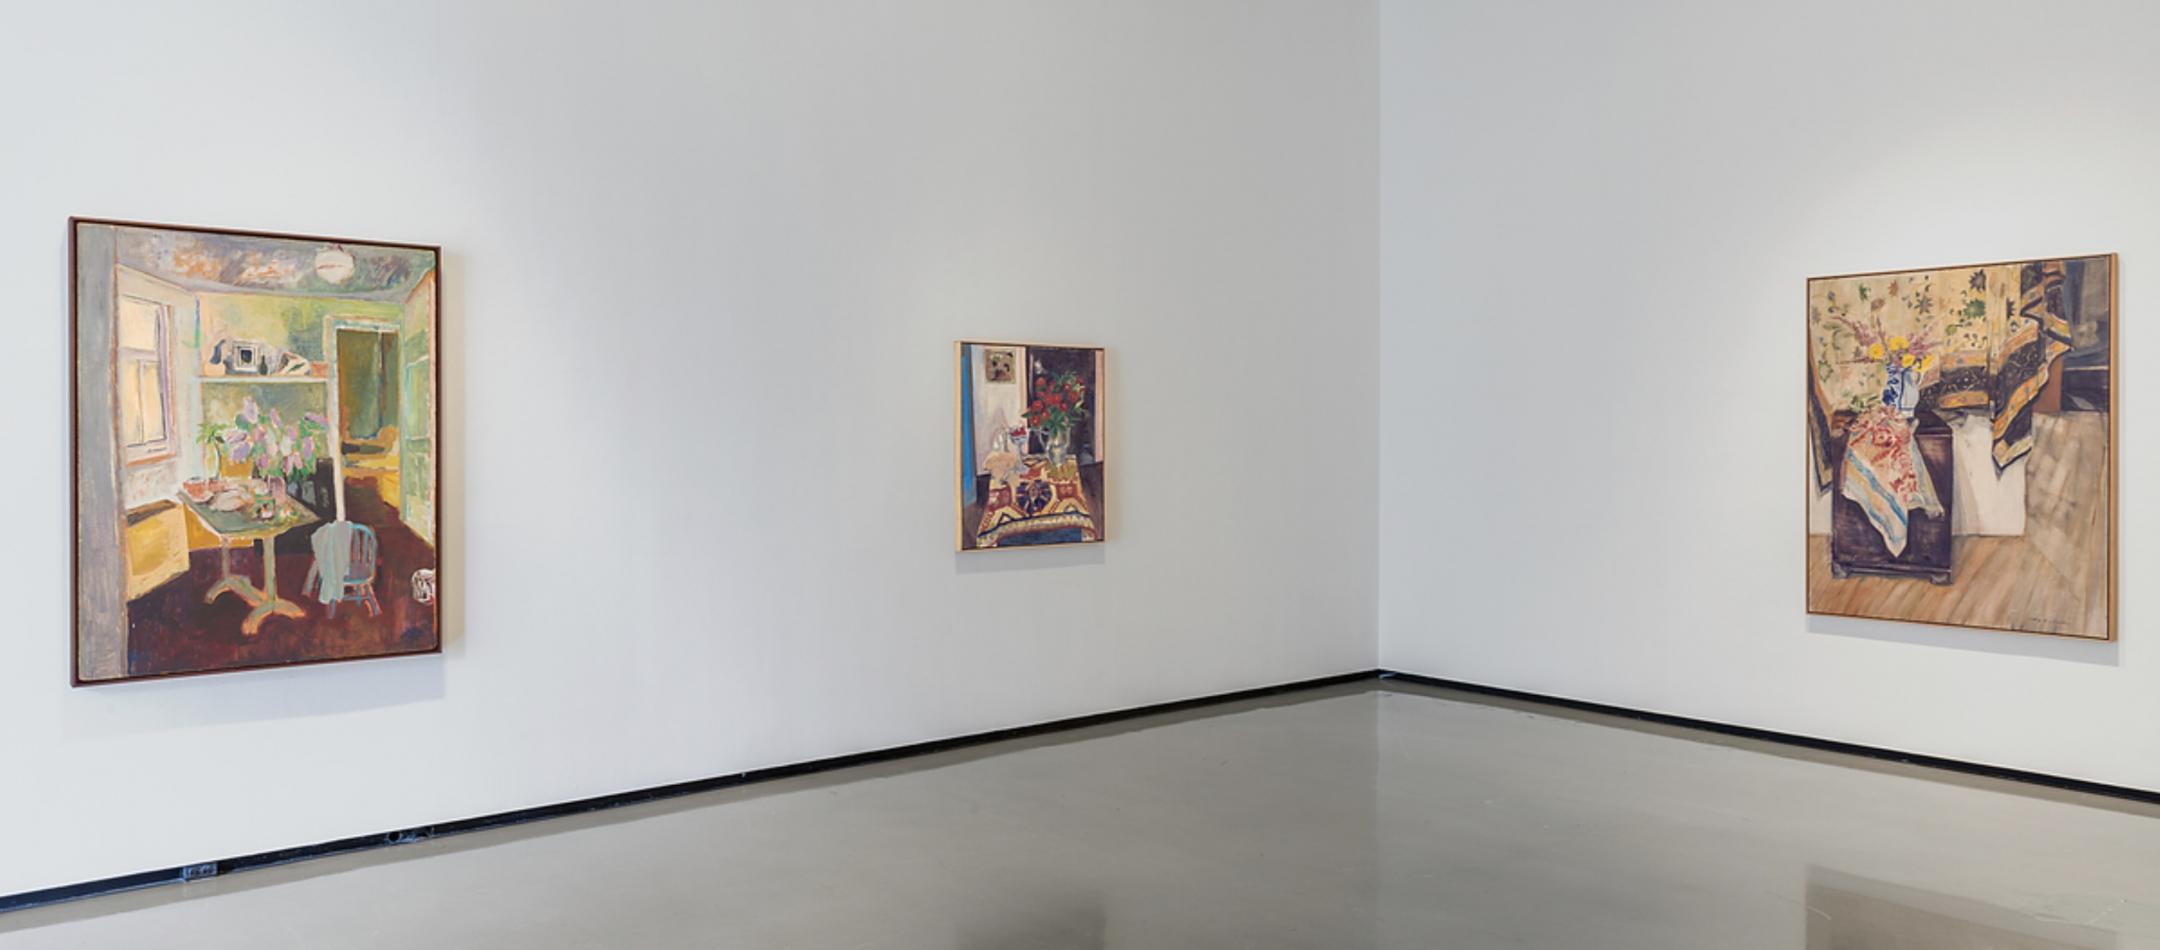 Jane Freilicher: '50s New York